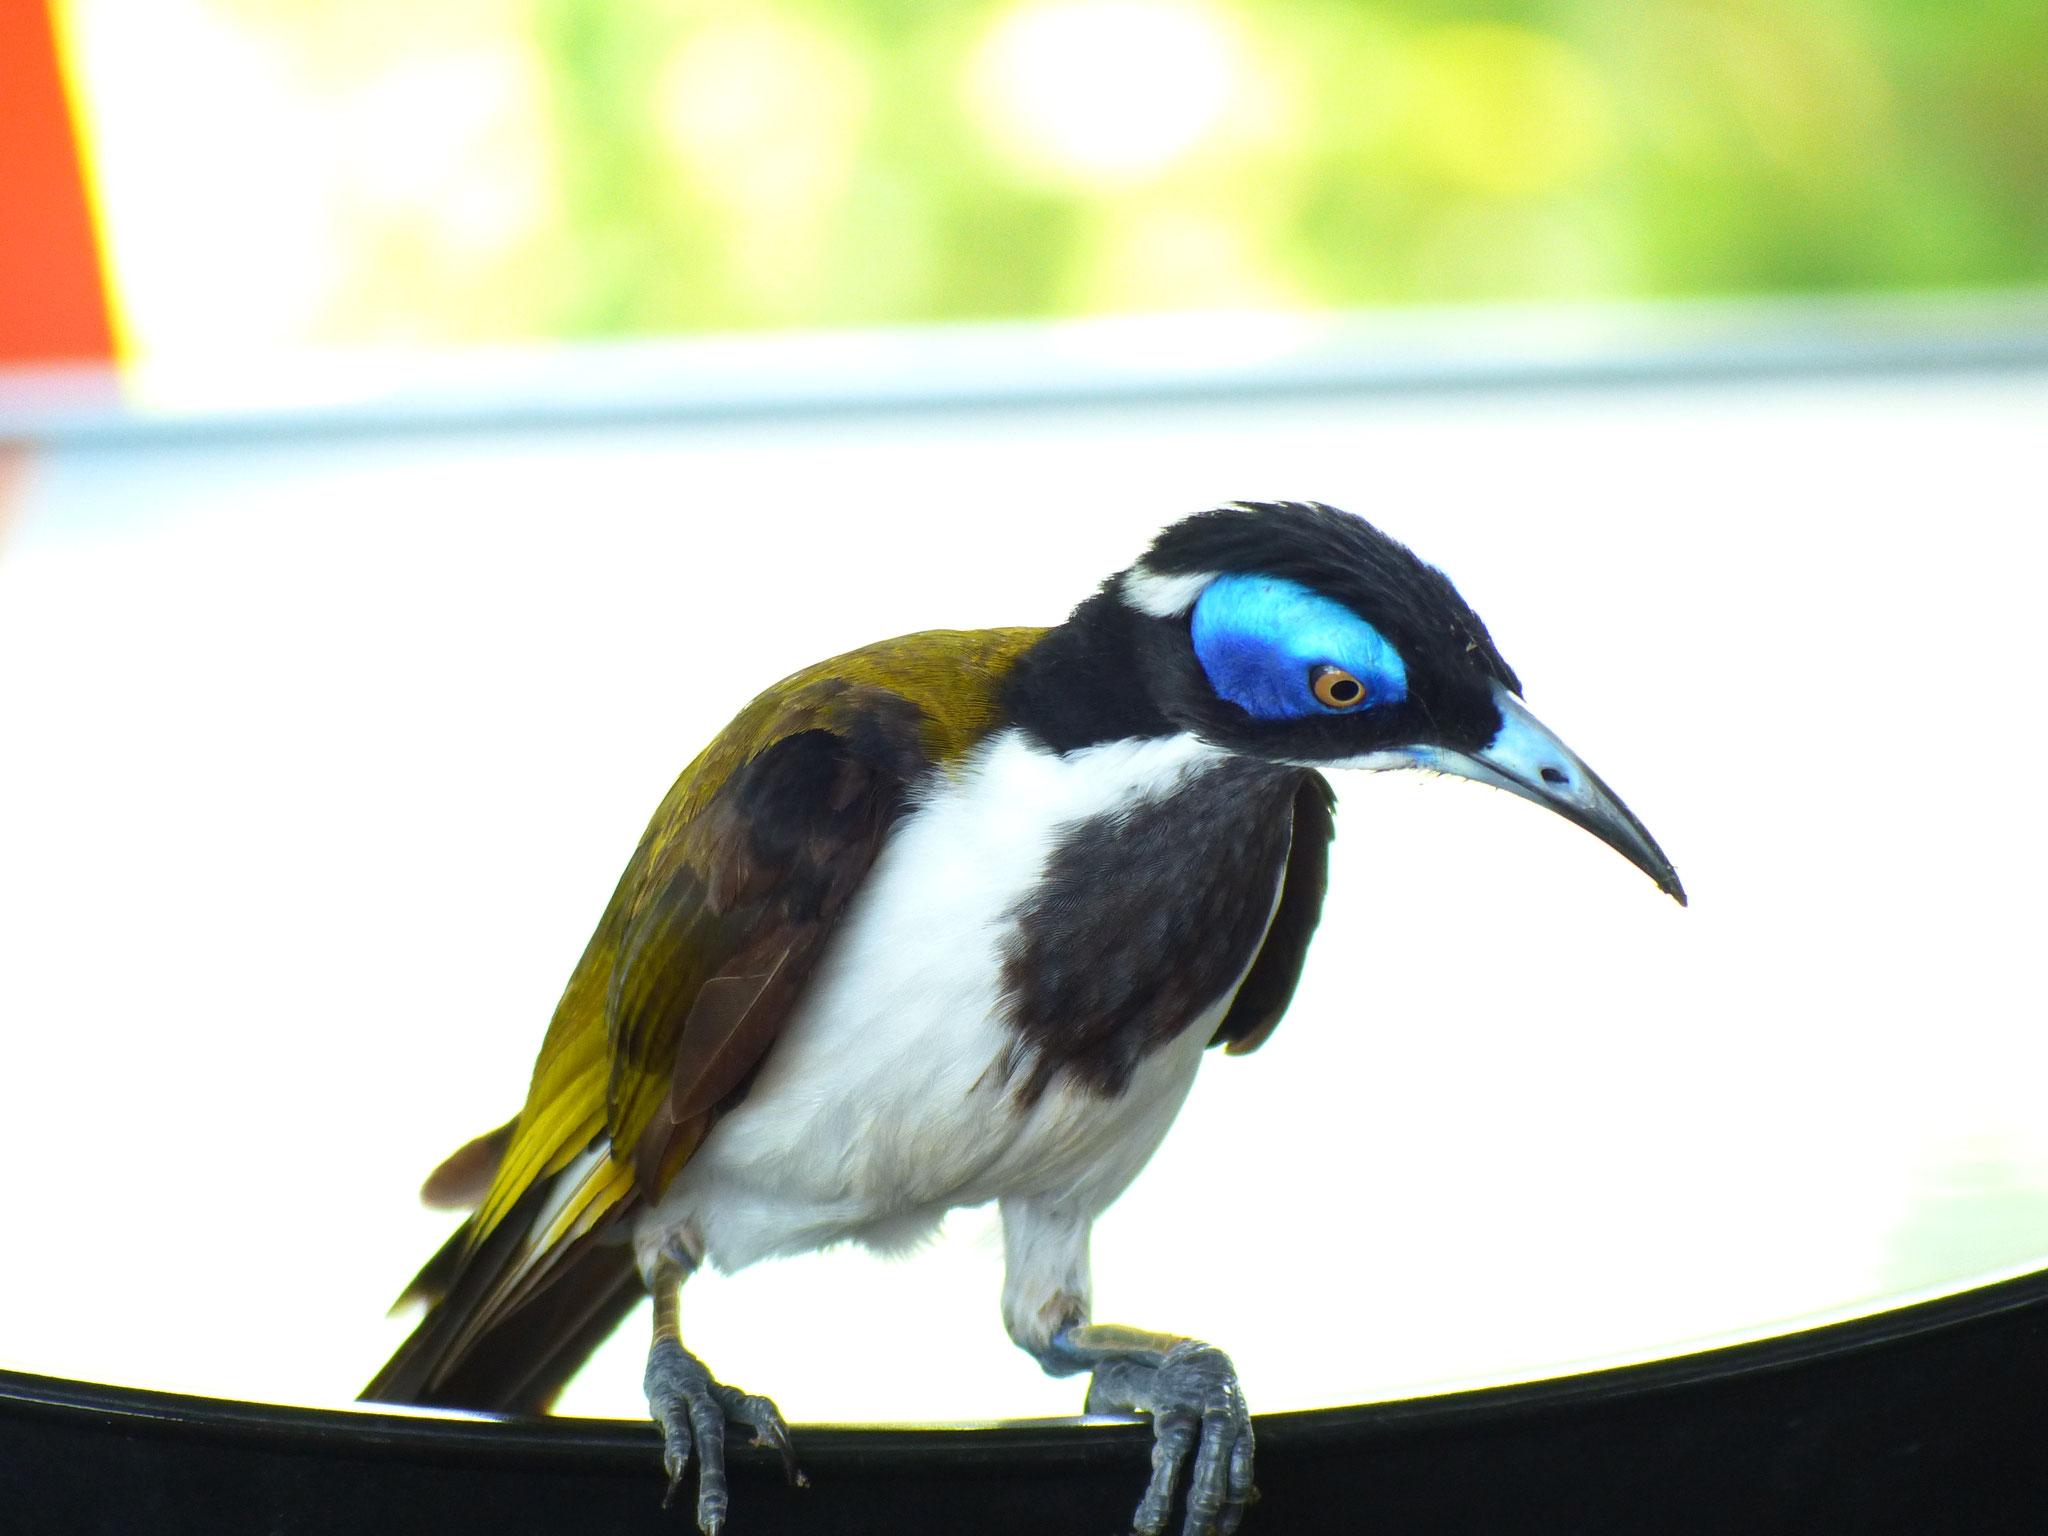 Vous n'avez pas fini de voir des photos d'oiseaux en tout genre!